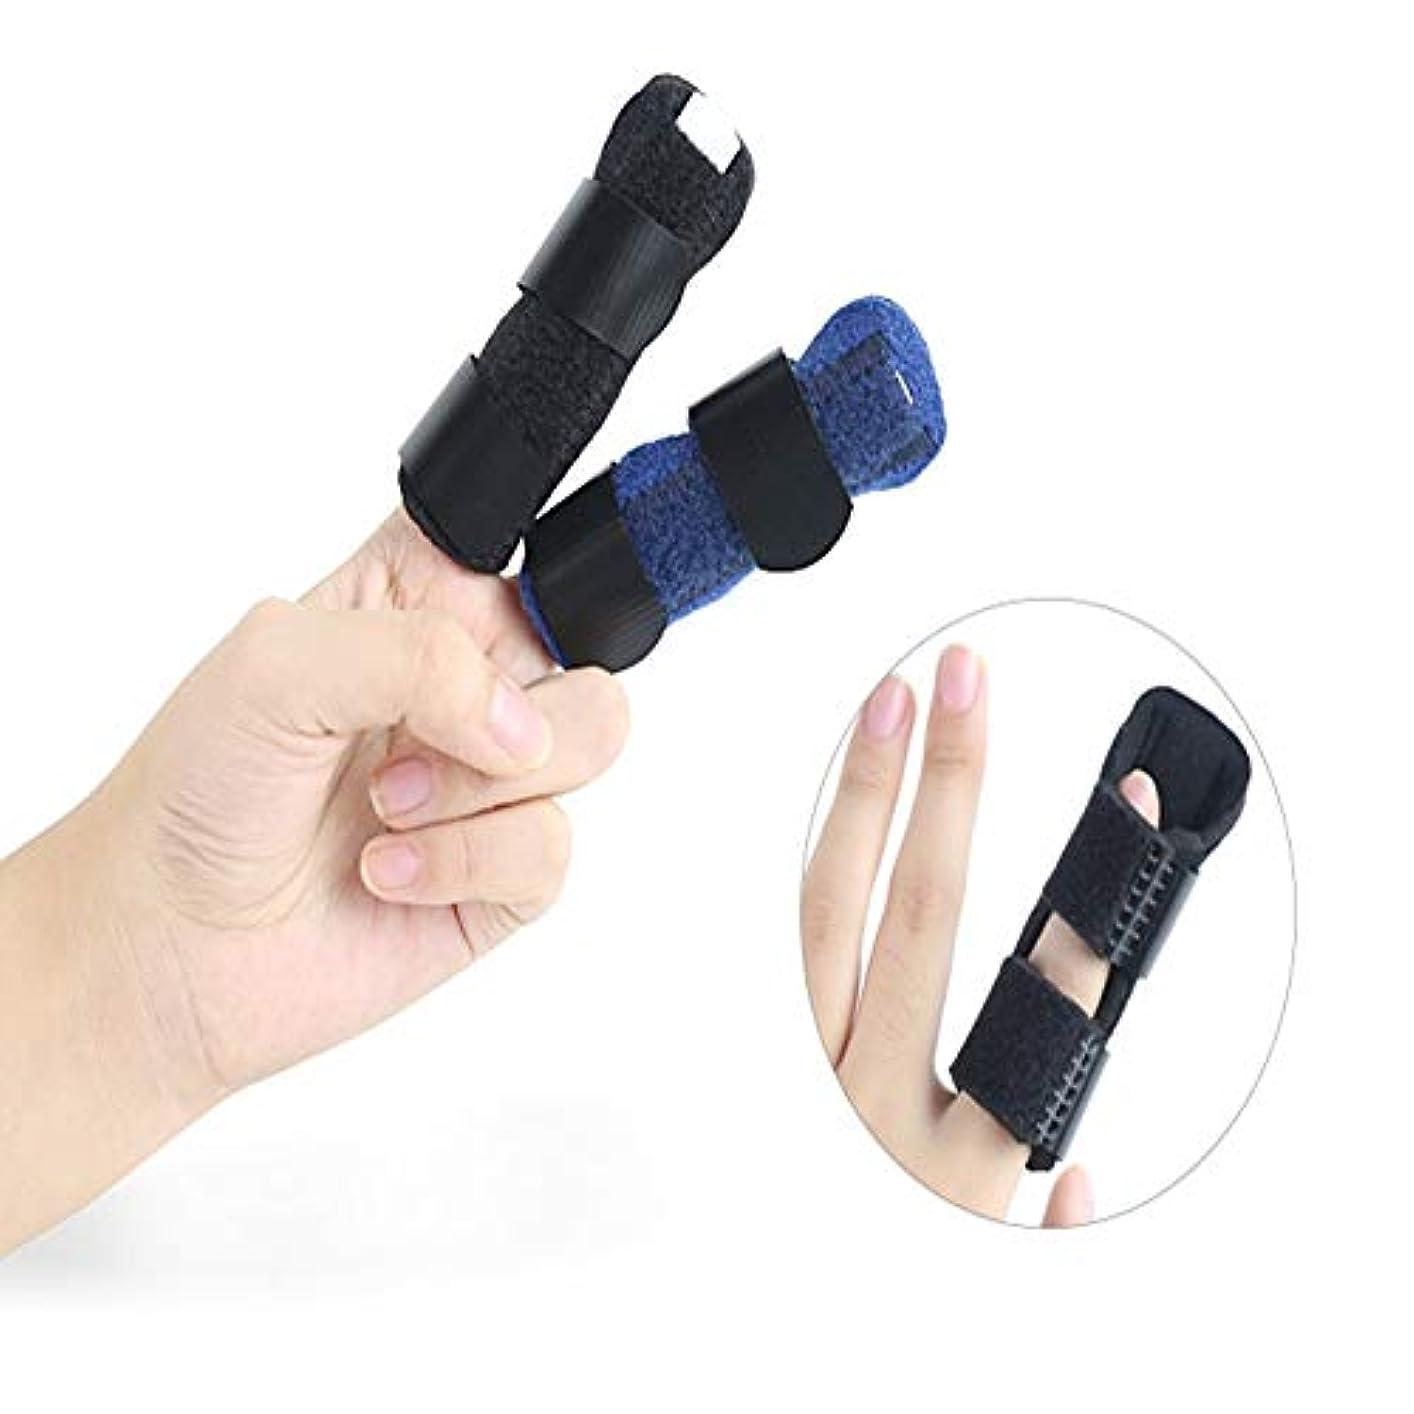 なくなる活気づく修理可能スプリント、救済レンチ、関節炎の痛み、ロックされ、Stenosing腱鞘炎手指、関節炎、腱炎、手術、脱臼、捻挫、繰り返しの使用に役立ちます。 (Color : 青)